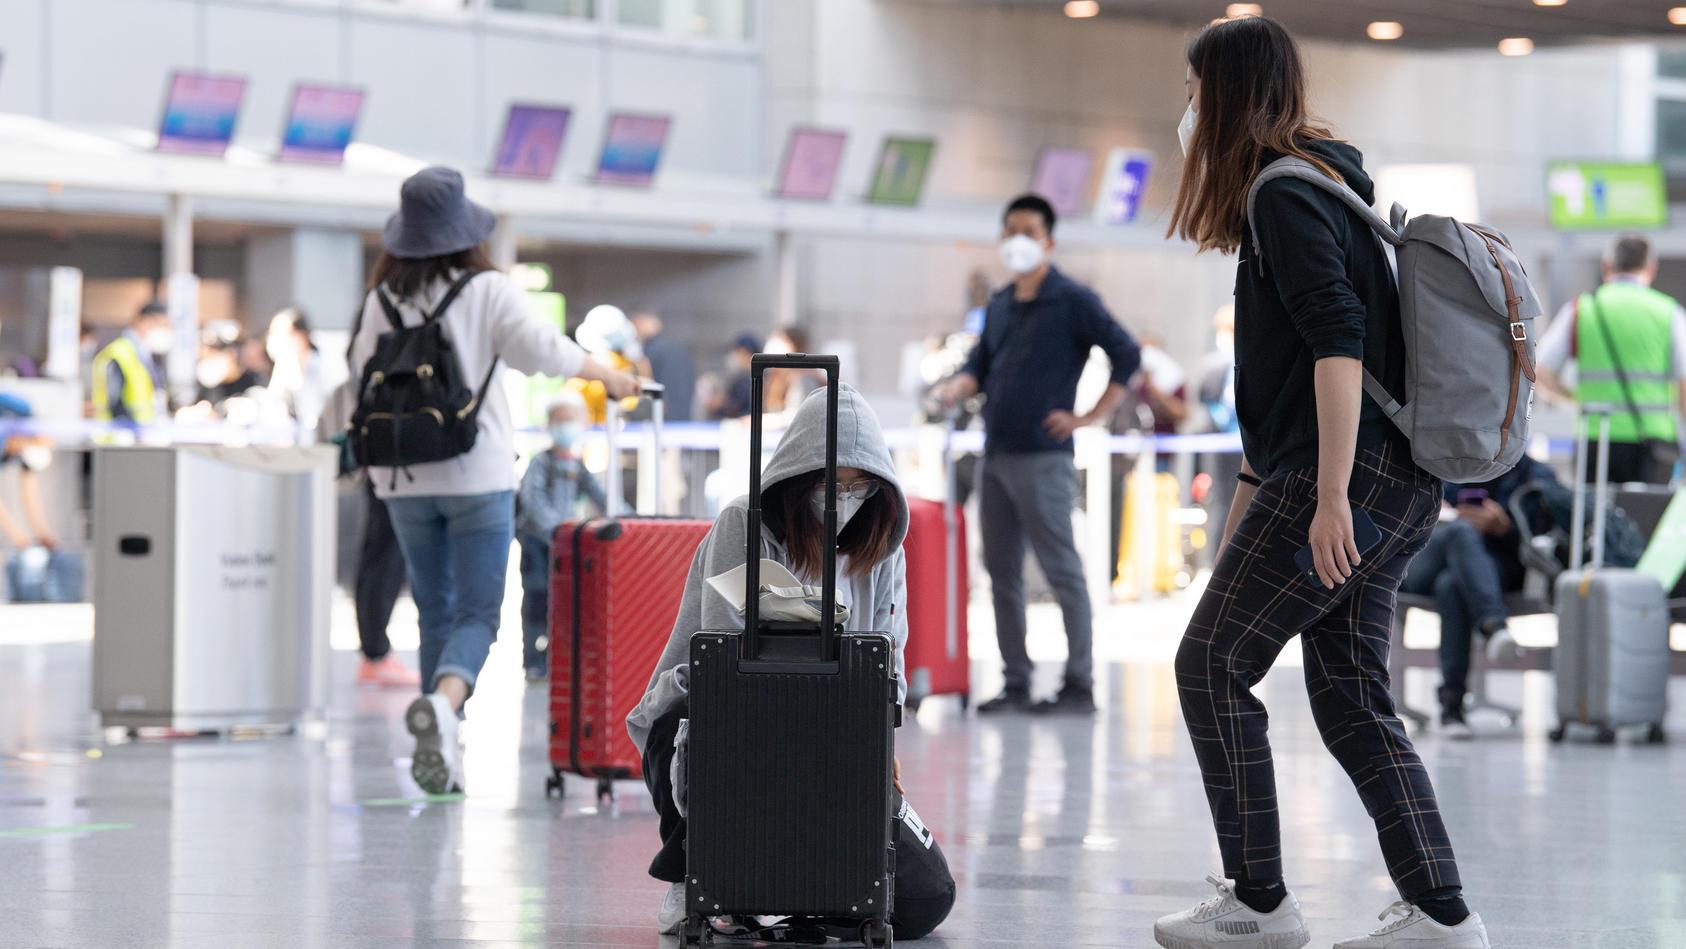 Bald startet der Sommerurlaub. Und nach einer RTL/ ntv Forsa-Umfrage ist klar, dass mehr als die Hälfte in den Urlaub verreisen möchte.